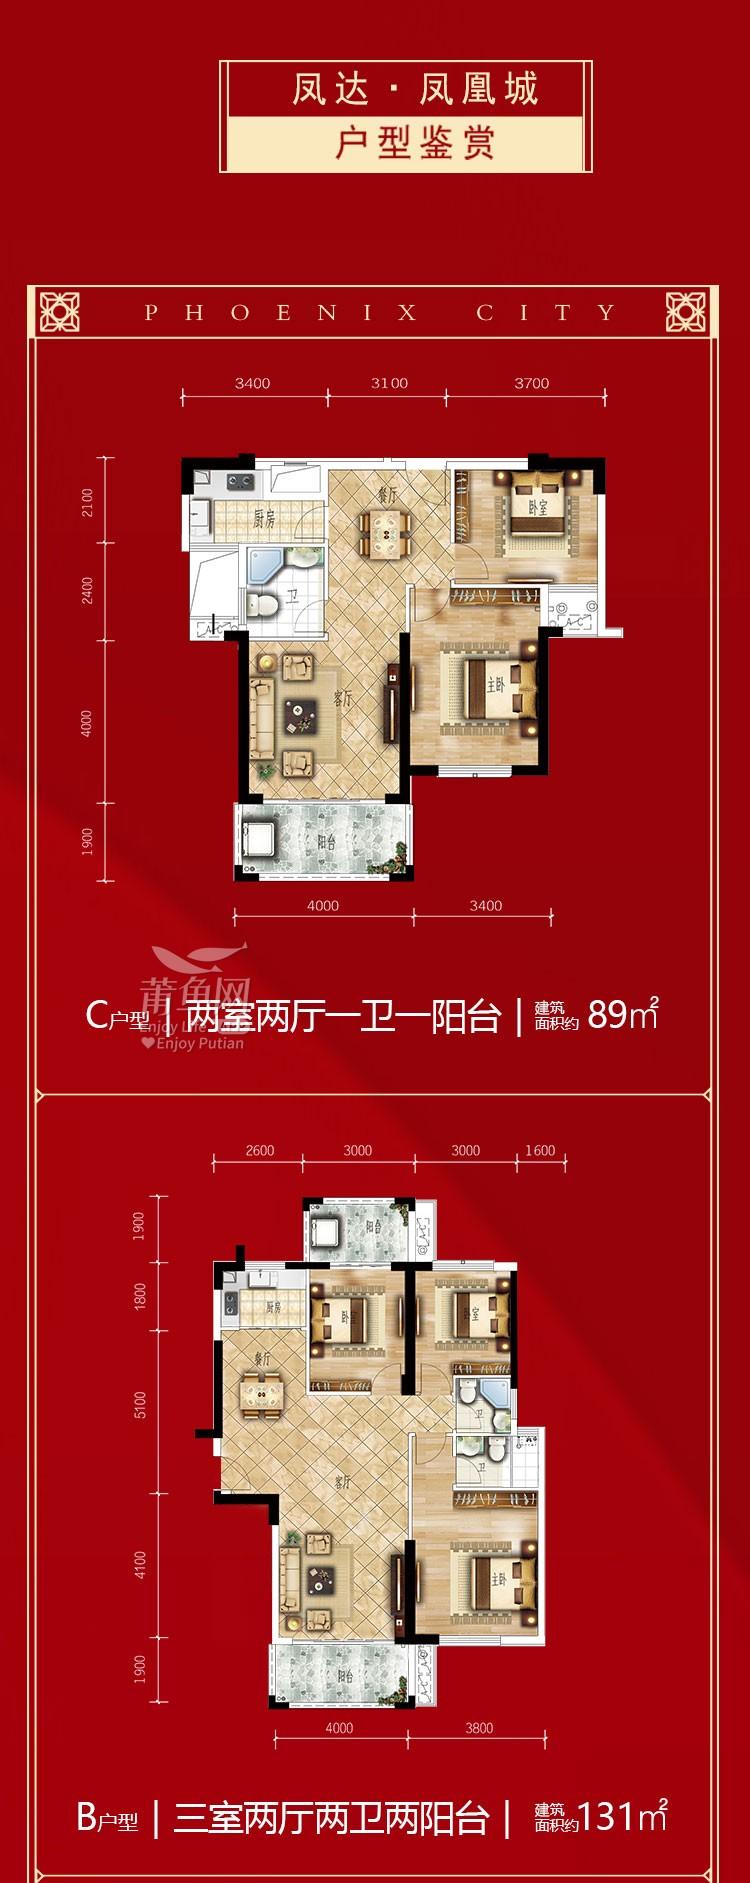 原生图-长图_05.jpg